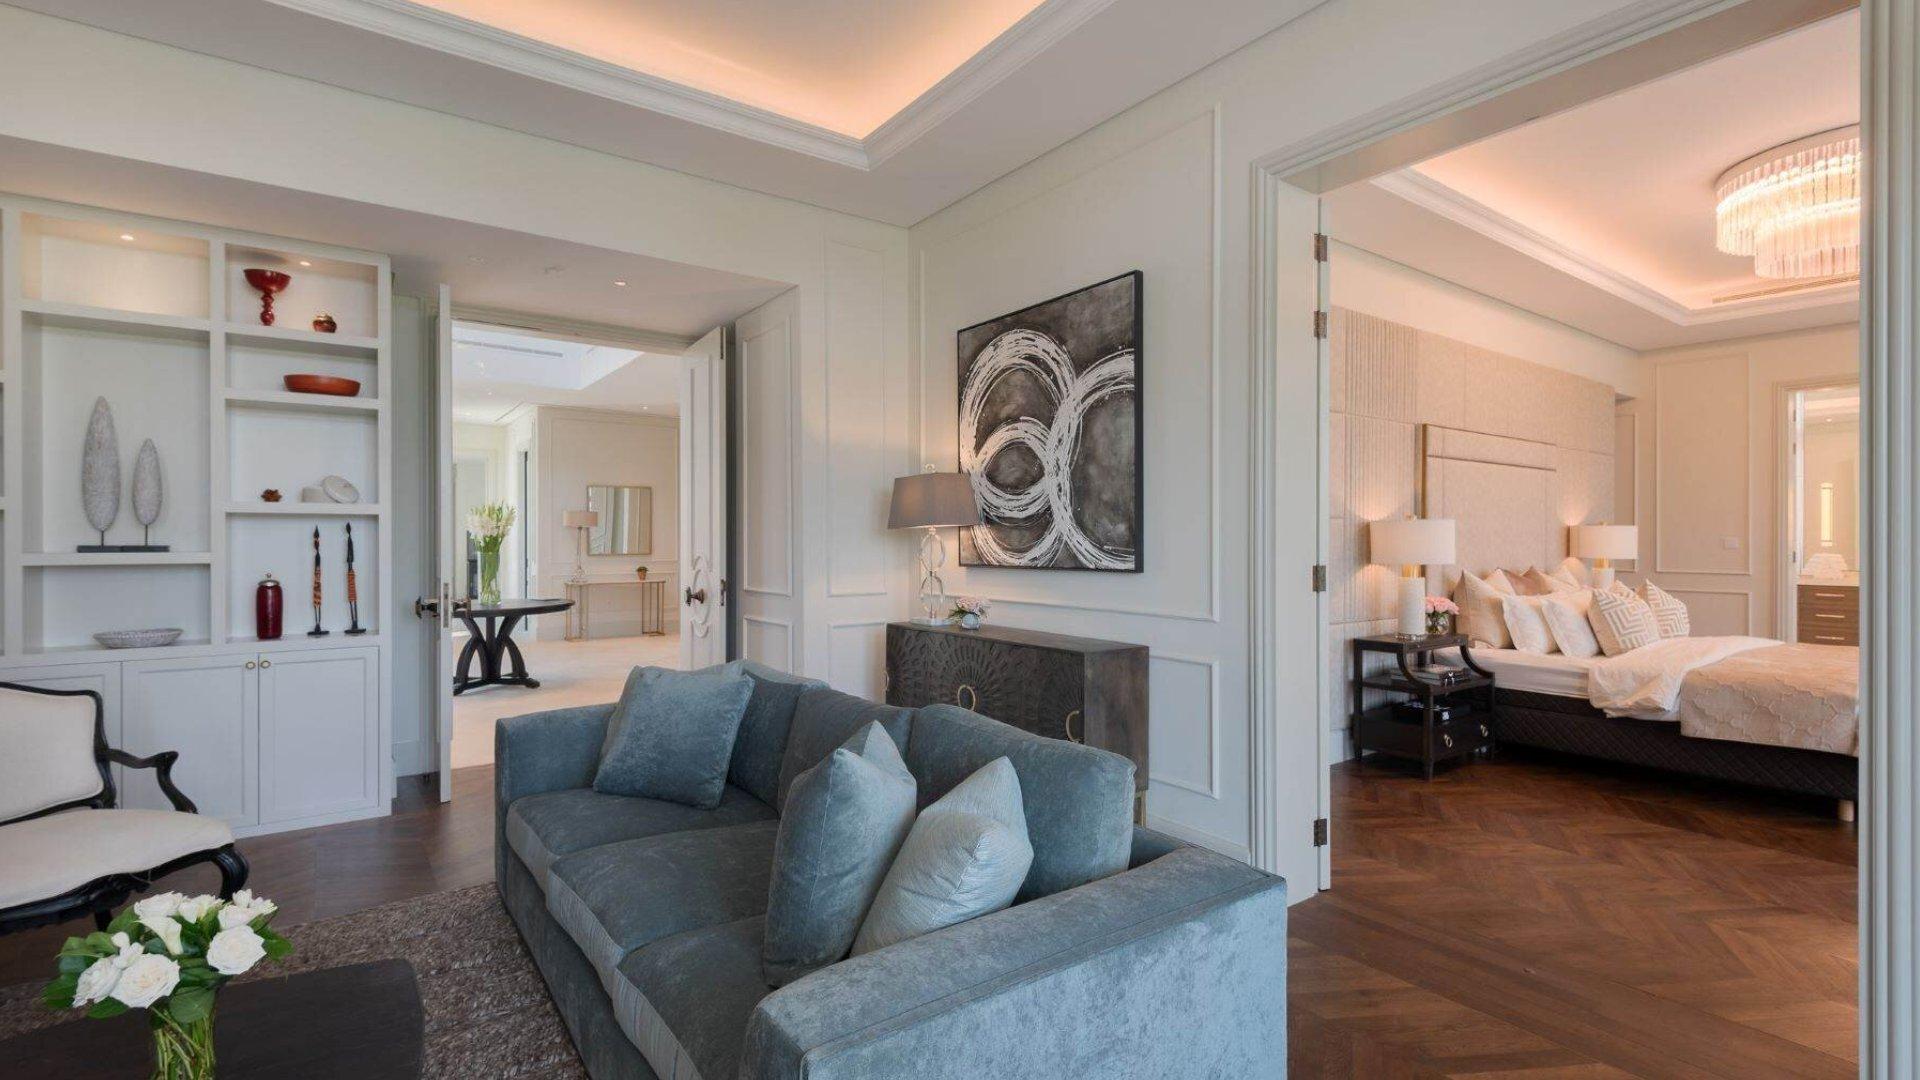 Villa en venta en Dubai, EAU, 7 dormitorios, 3197 m2, № 24635 – foto 3